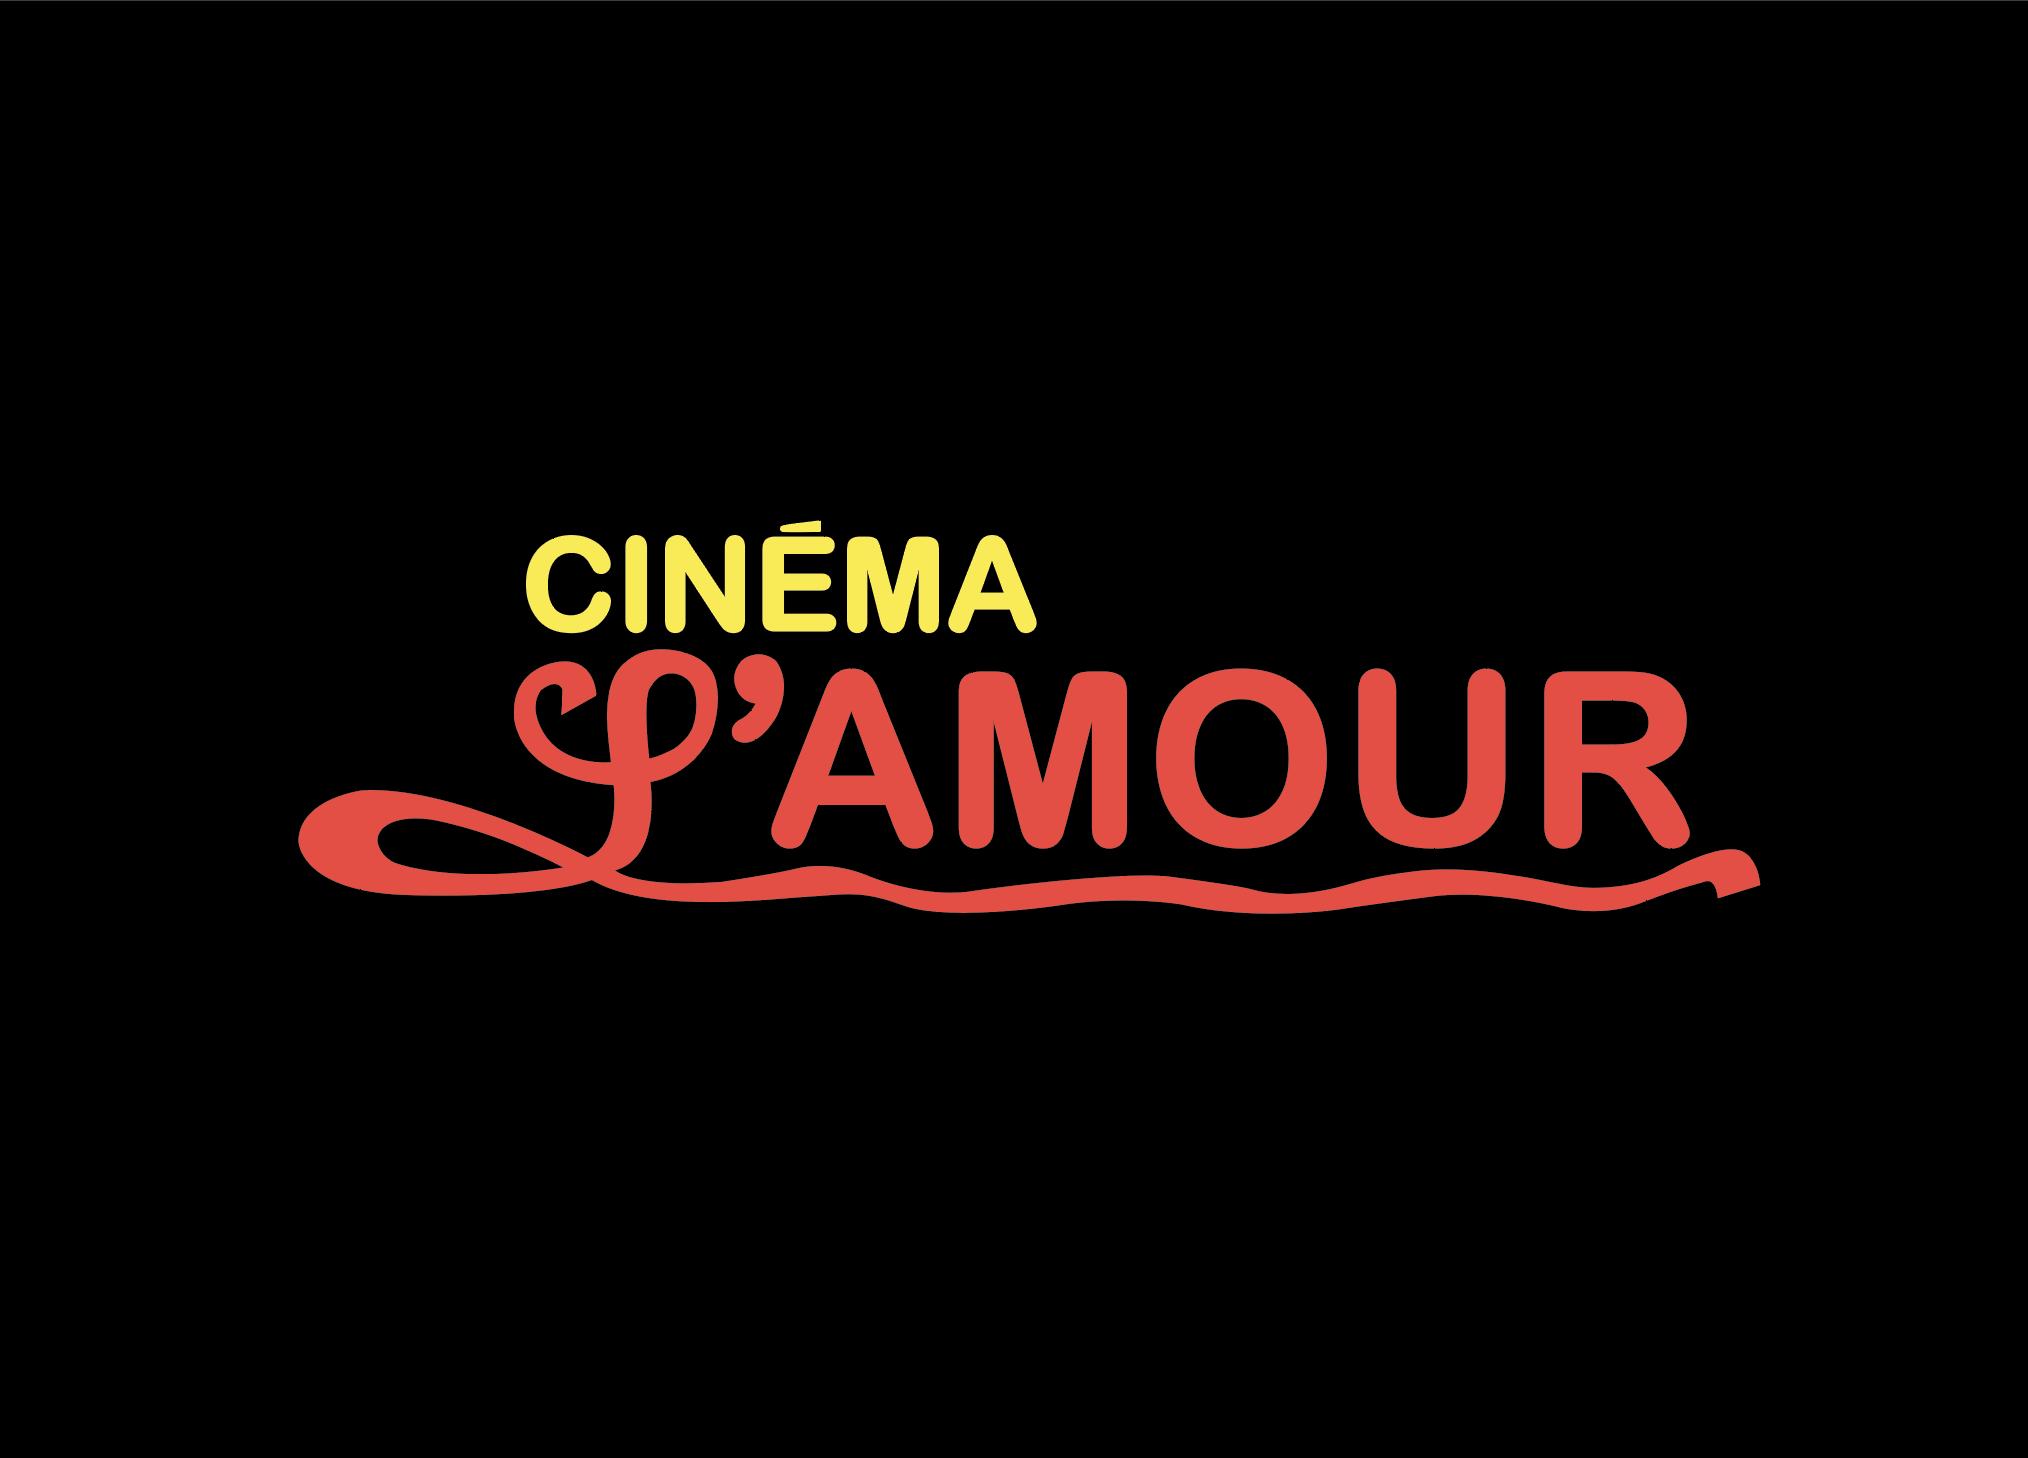 Cinéma L'amour